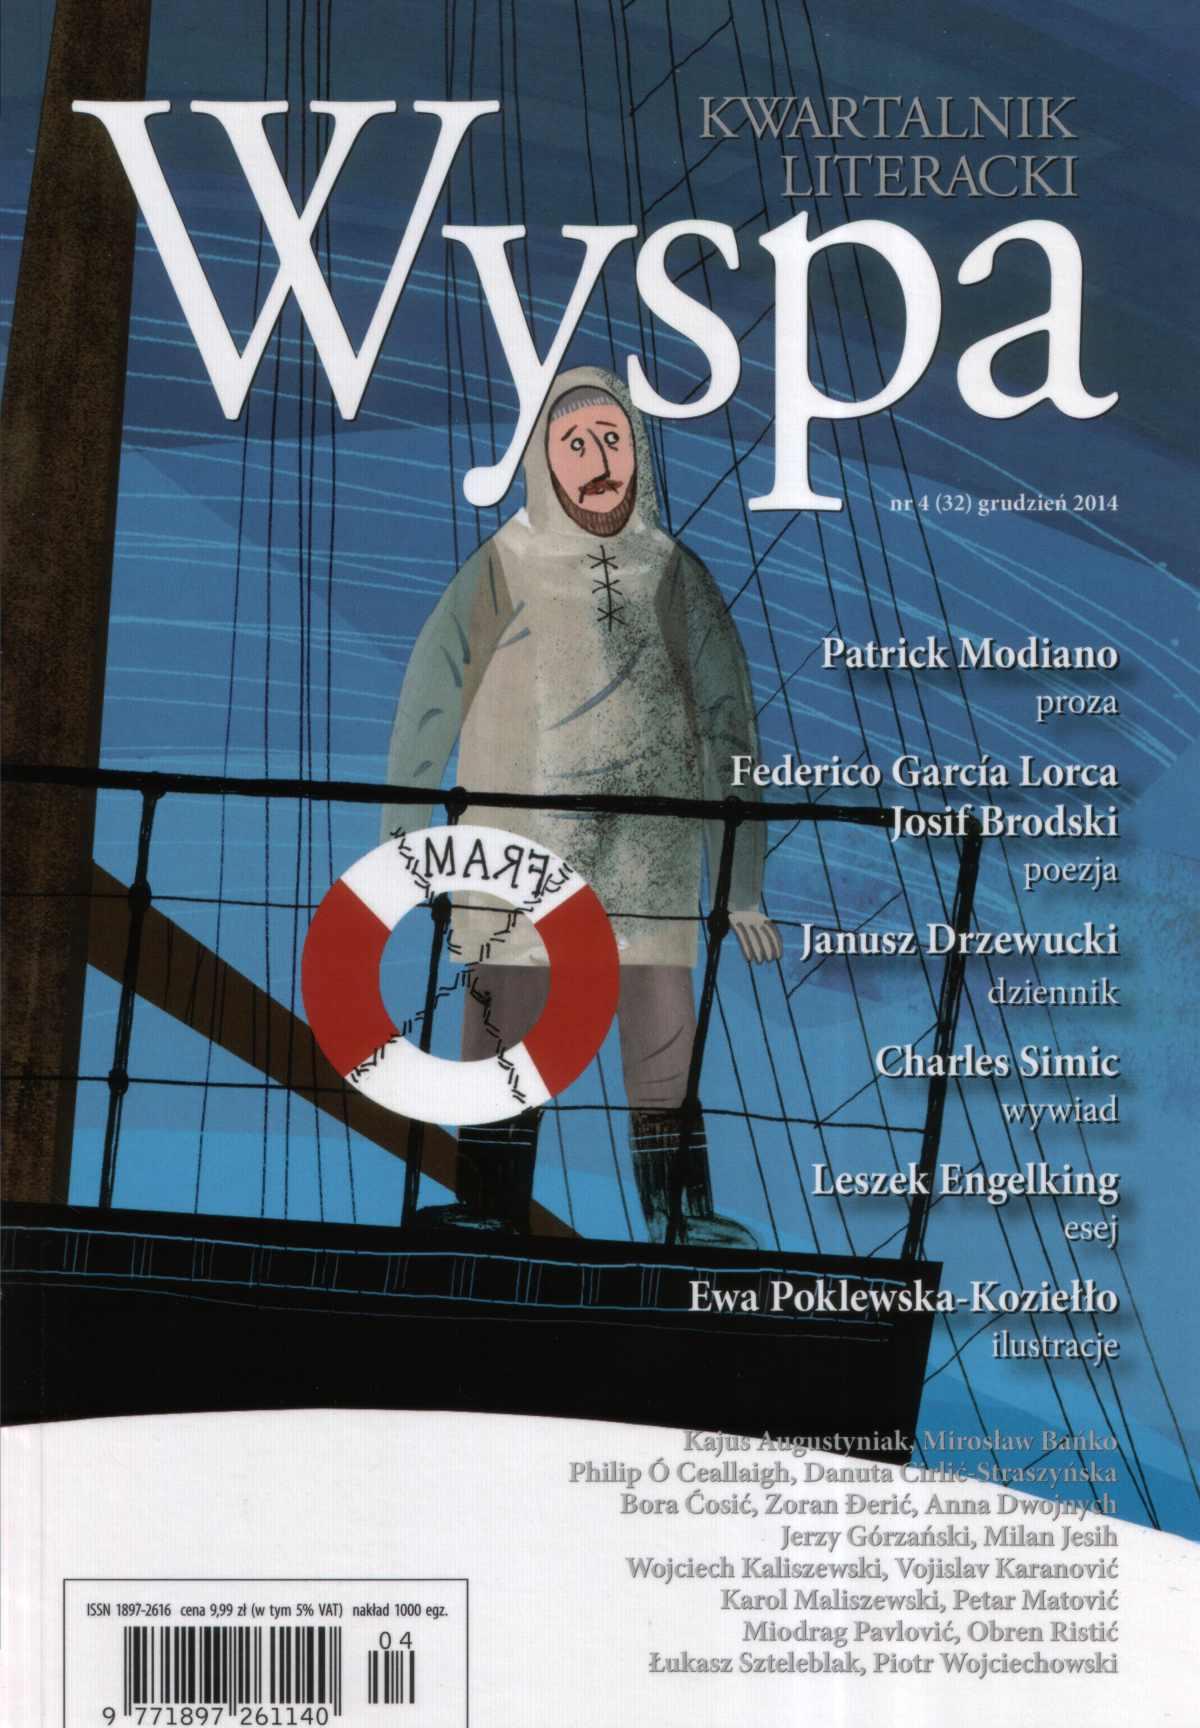 WYSPA Kwartalnik Literacki - nr 4/2014 (32) - Ebook (Książka na Kindle) do pobrania w formacie MOBI